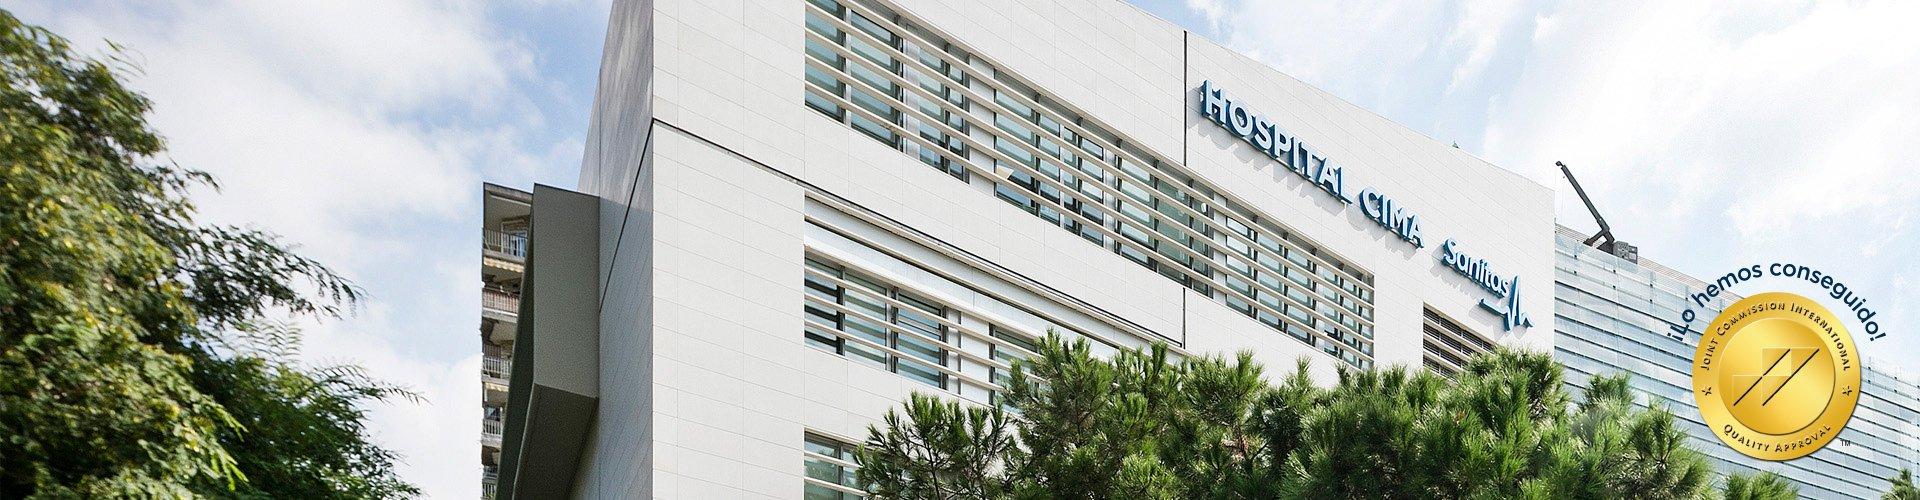 Hospital Privado En Barcelona Hospital Cima